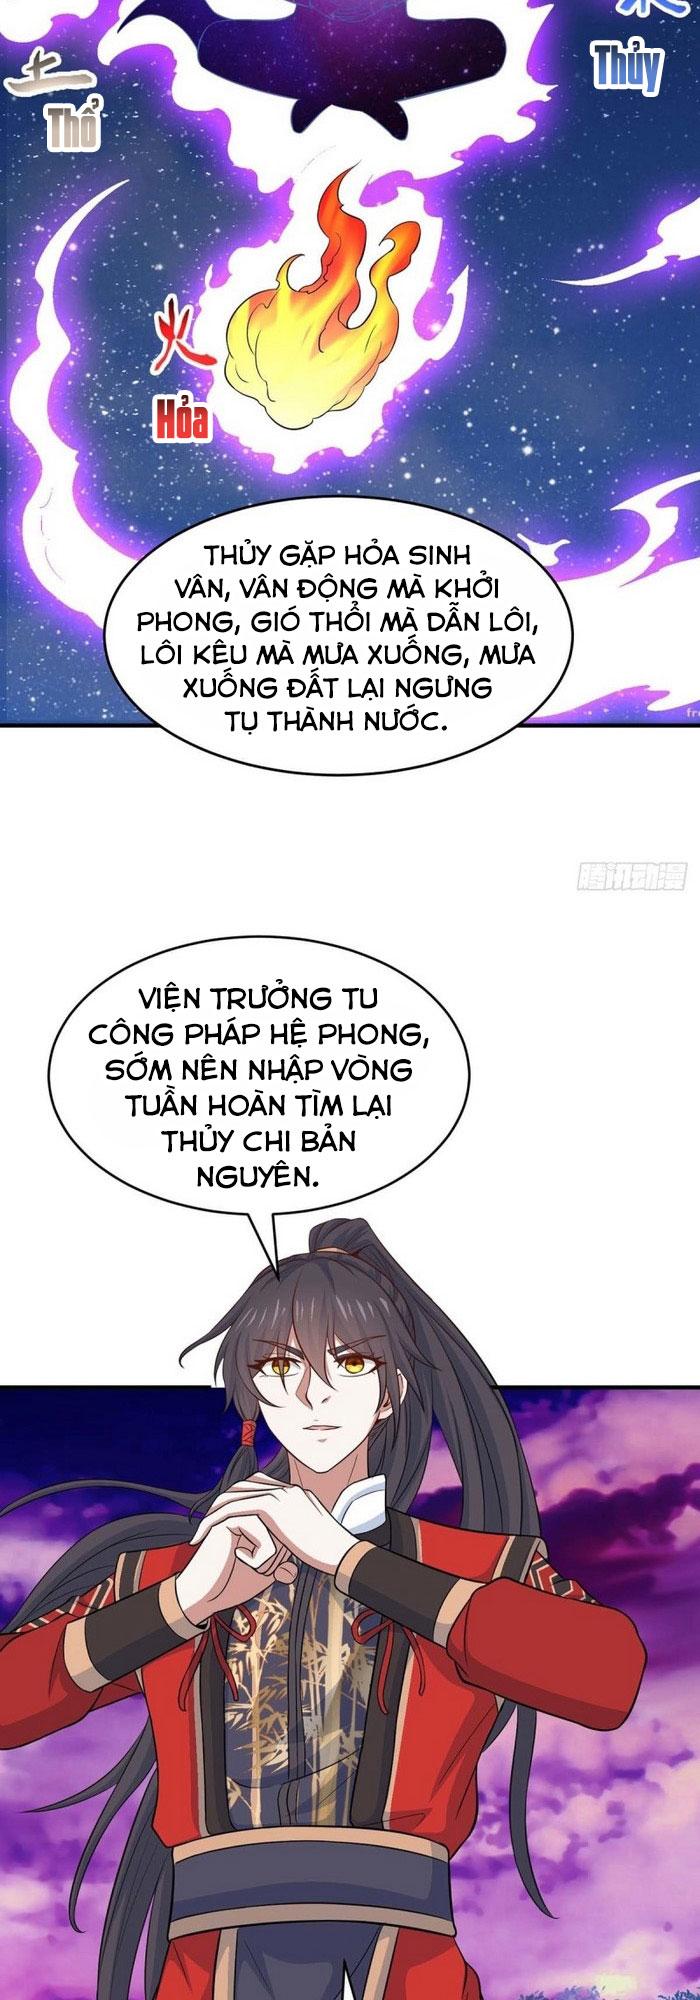 Tiên Đế Qui Lai chap 129 - Trang 2